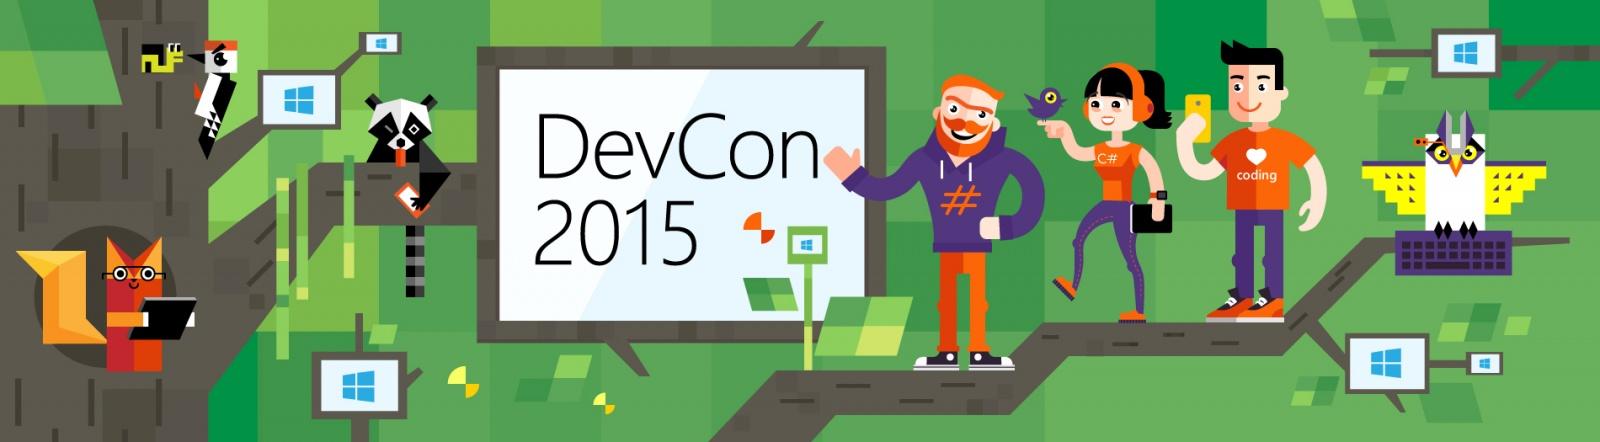 DevCon 2015: анонс первых спикеров и докладов конференции - 1